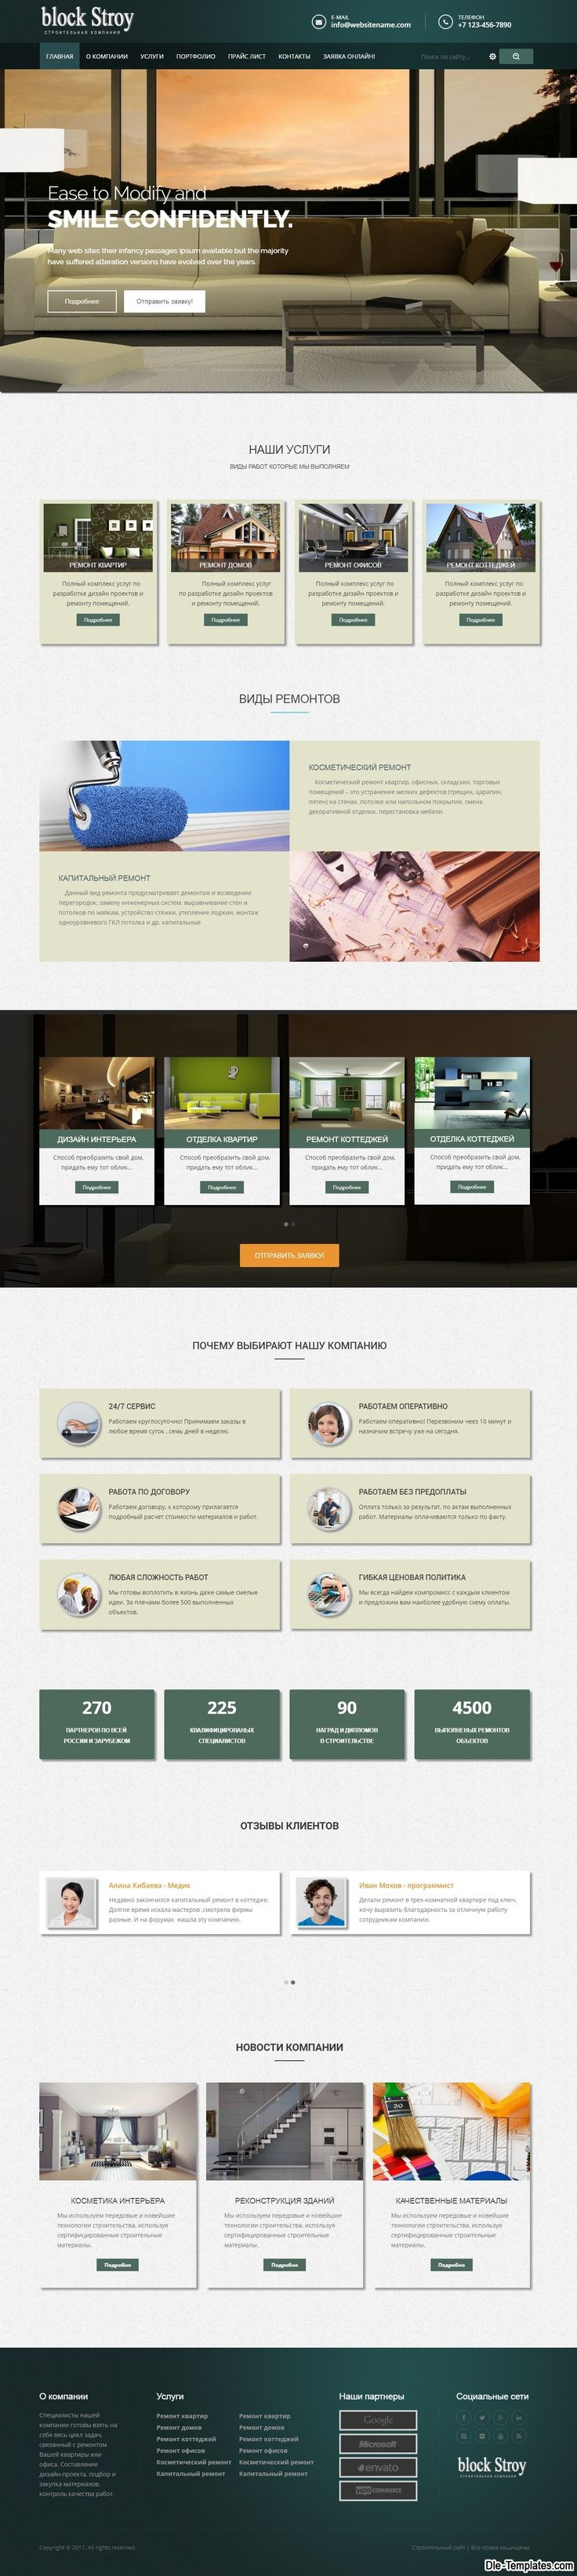 Block Stroy - адаптивный шаблон строительной компании для DLE #templates #website #шаблон #сайт #web DataLife Engine (DLE)